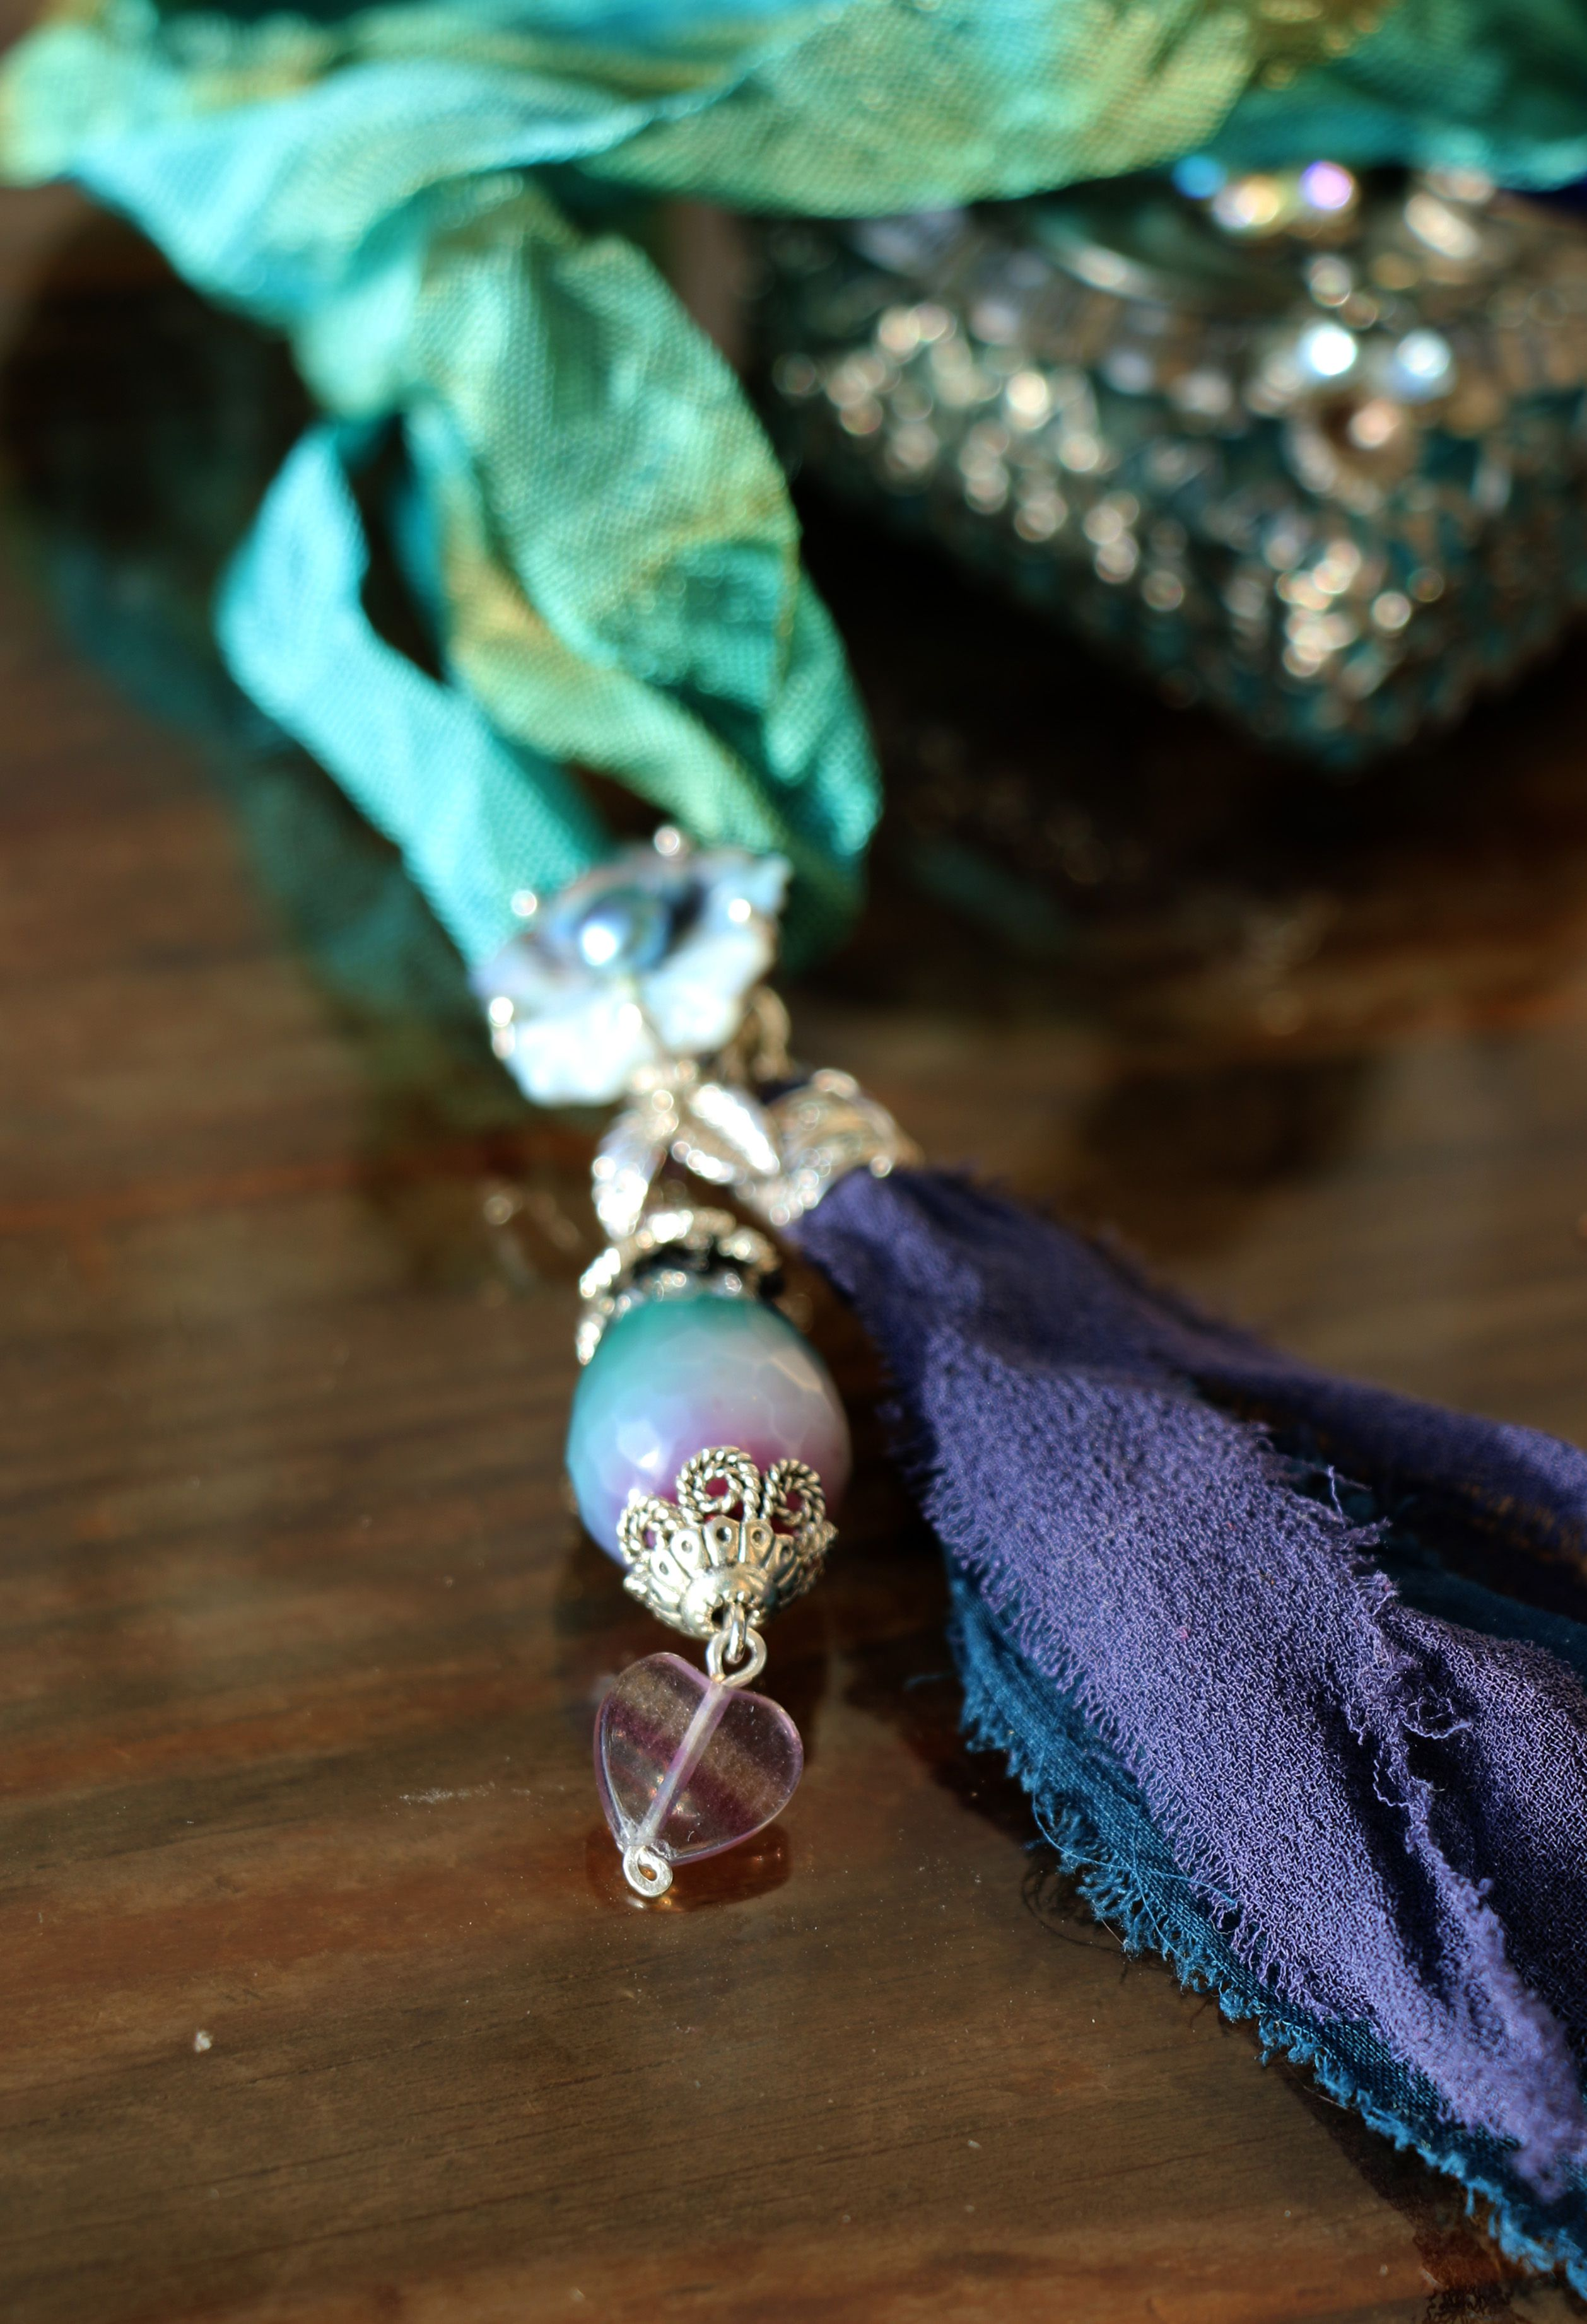 зеленый лента сине павлина винтажный изумрудный стиль камни шебби хвост натуральные